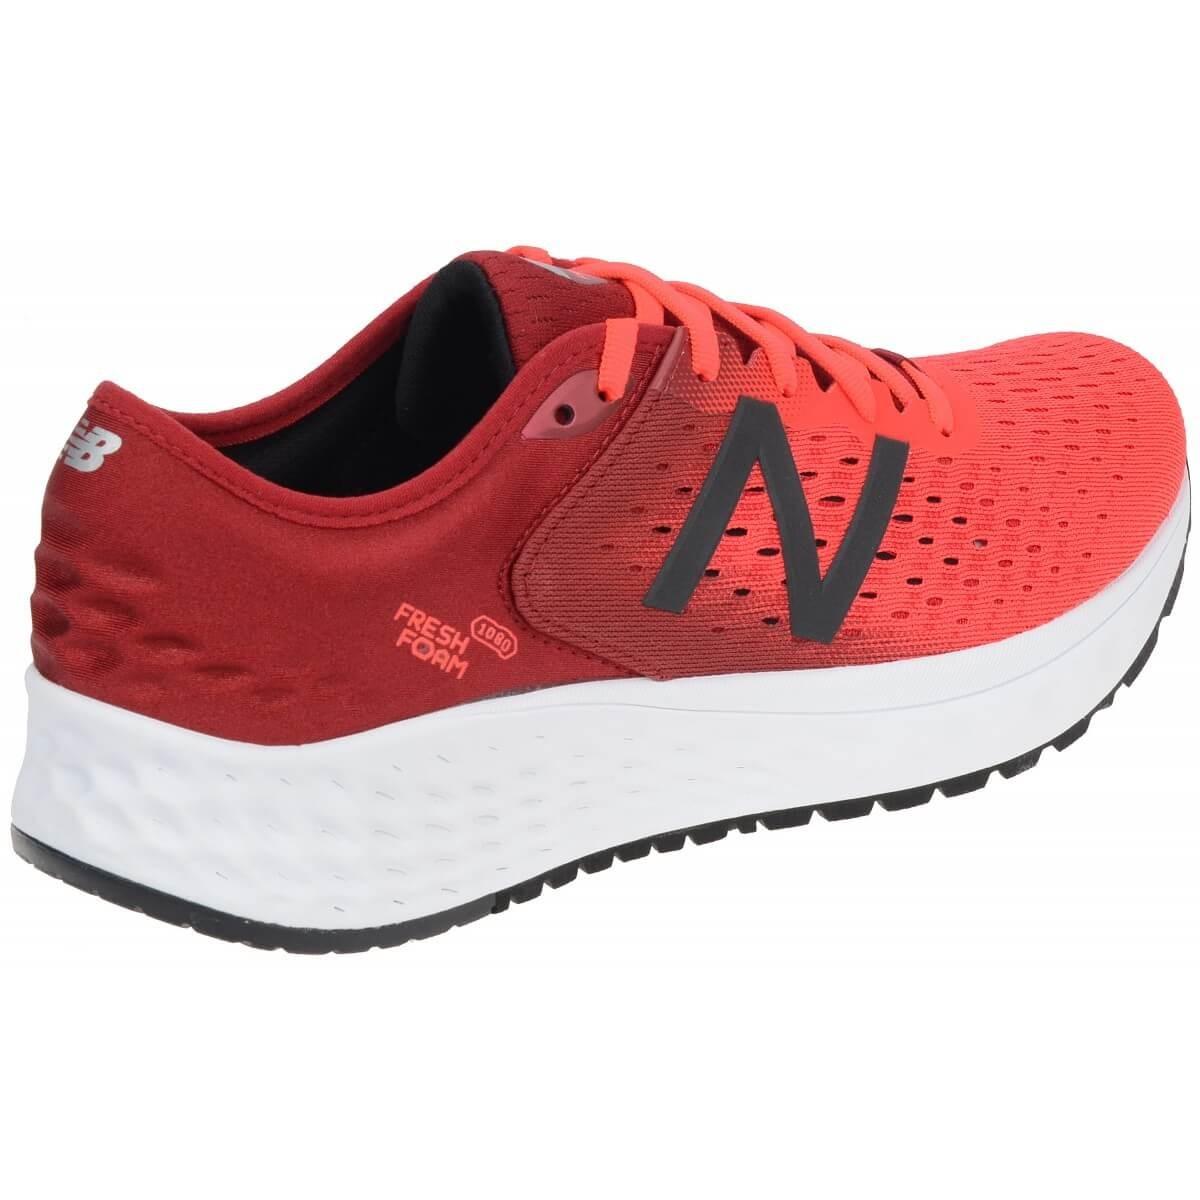 Zapatillas New Balance 1080 V9 Fresh Foam Rojo PV19 365Rider